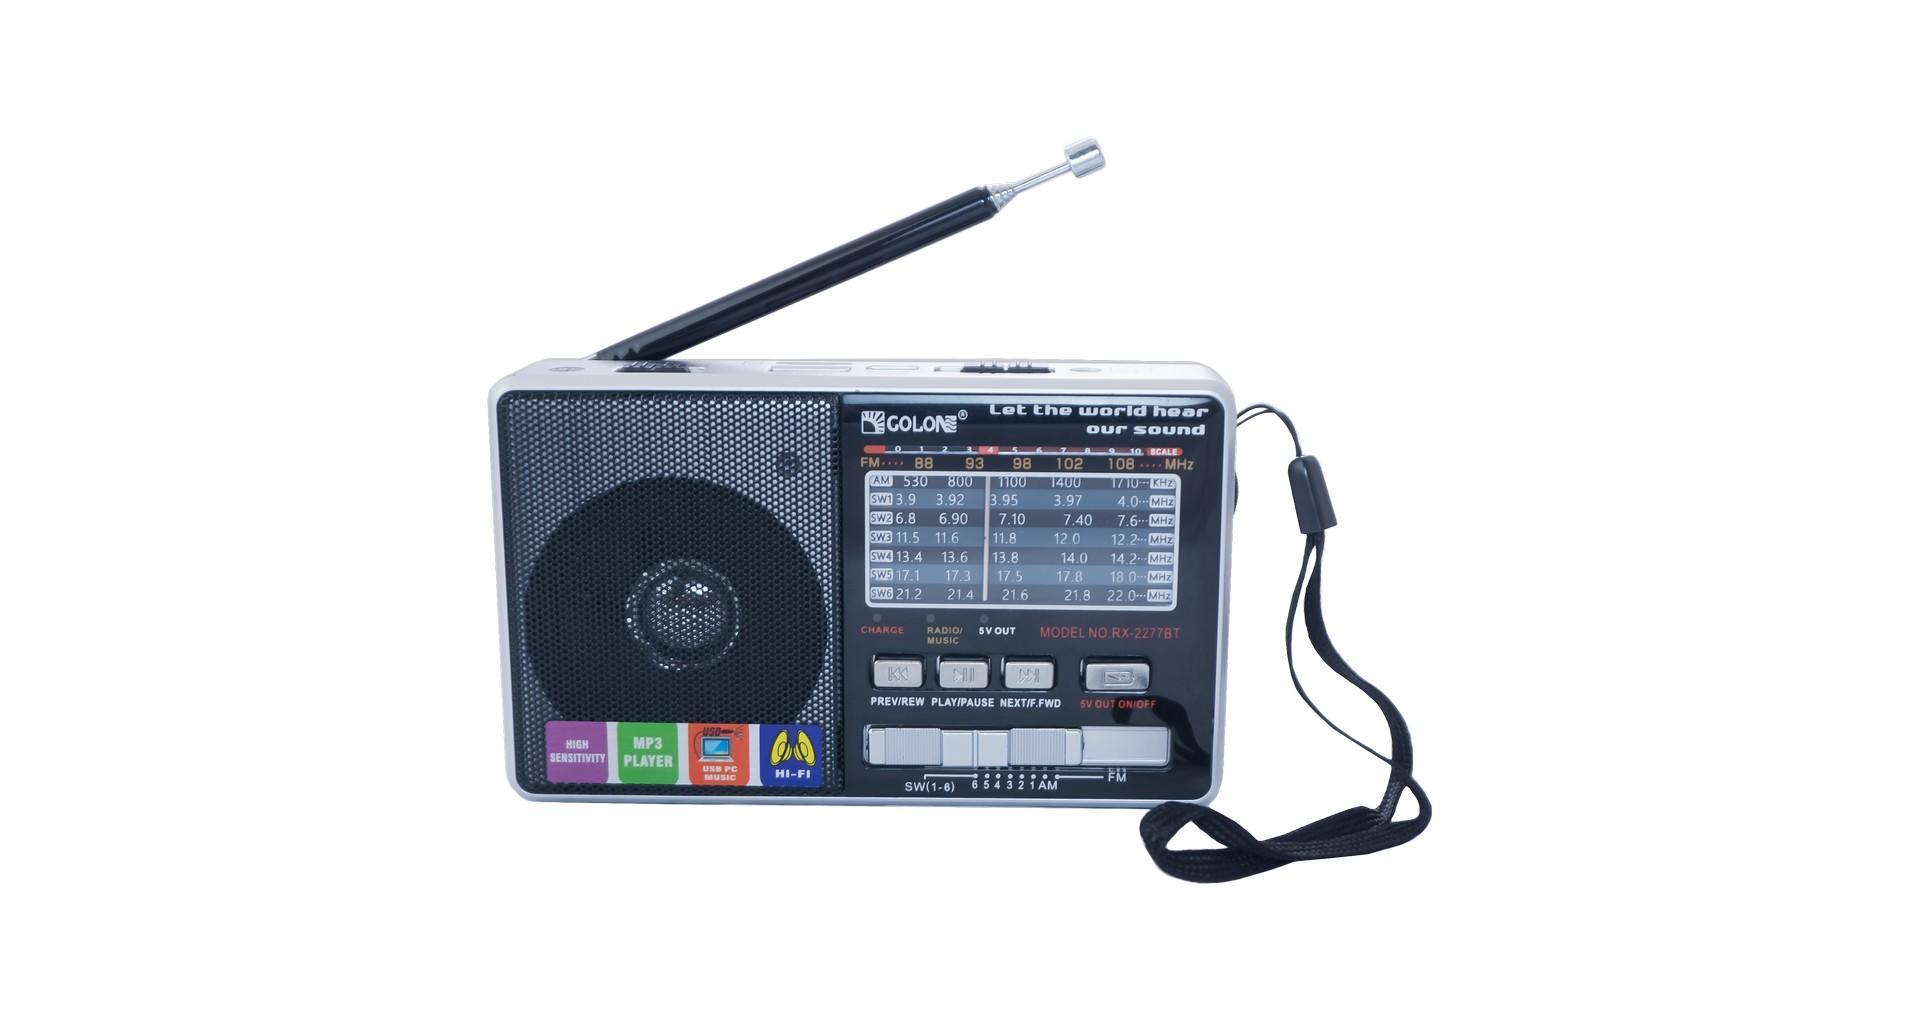 Радиоприемник Golon - RX-2277BT 5